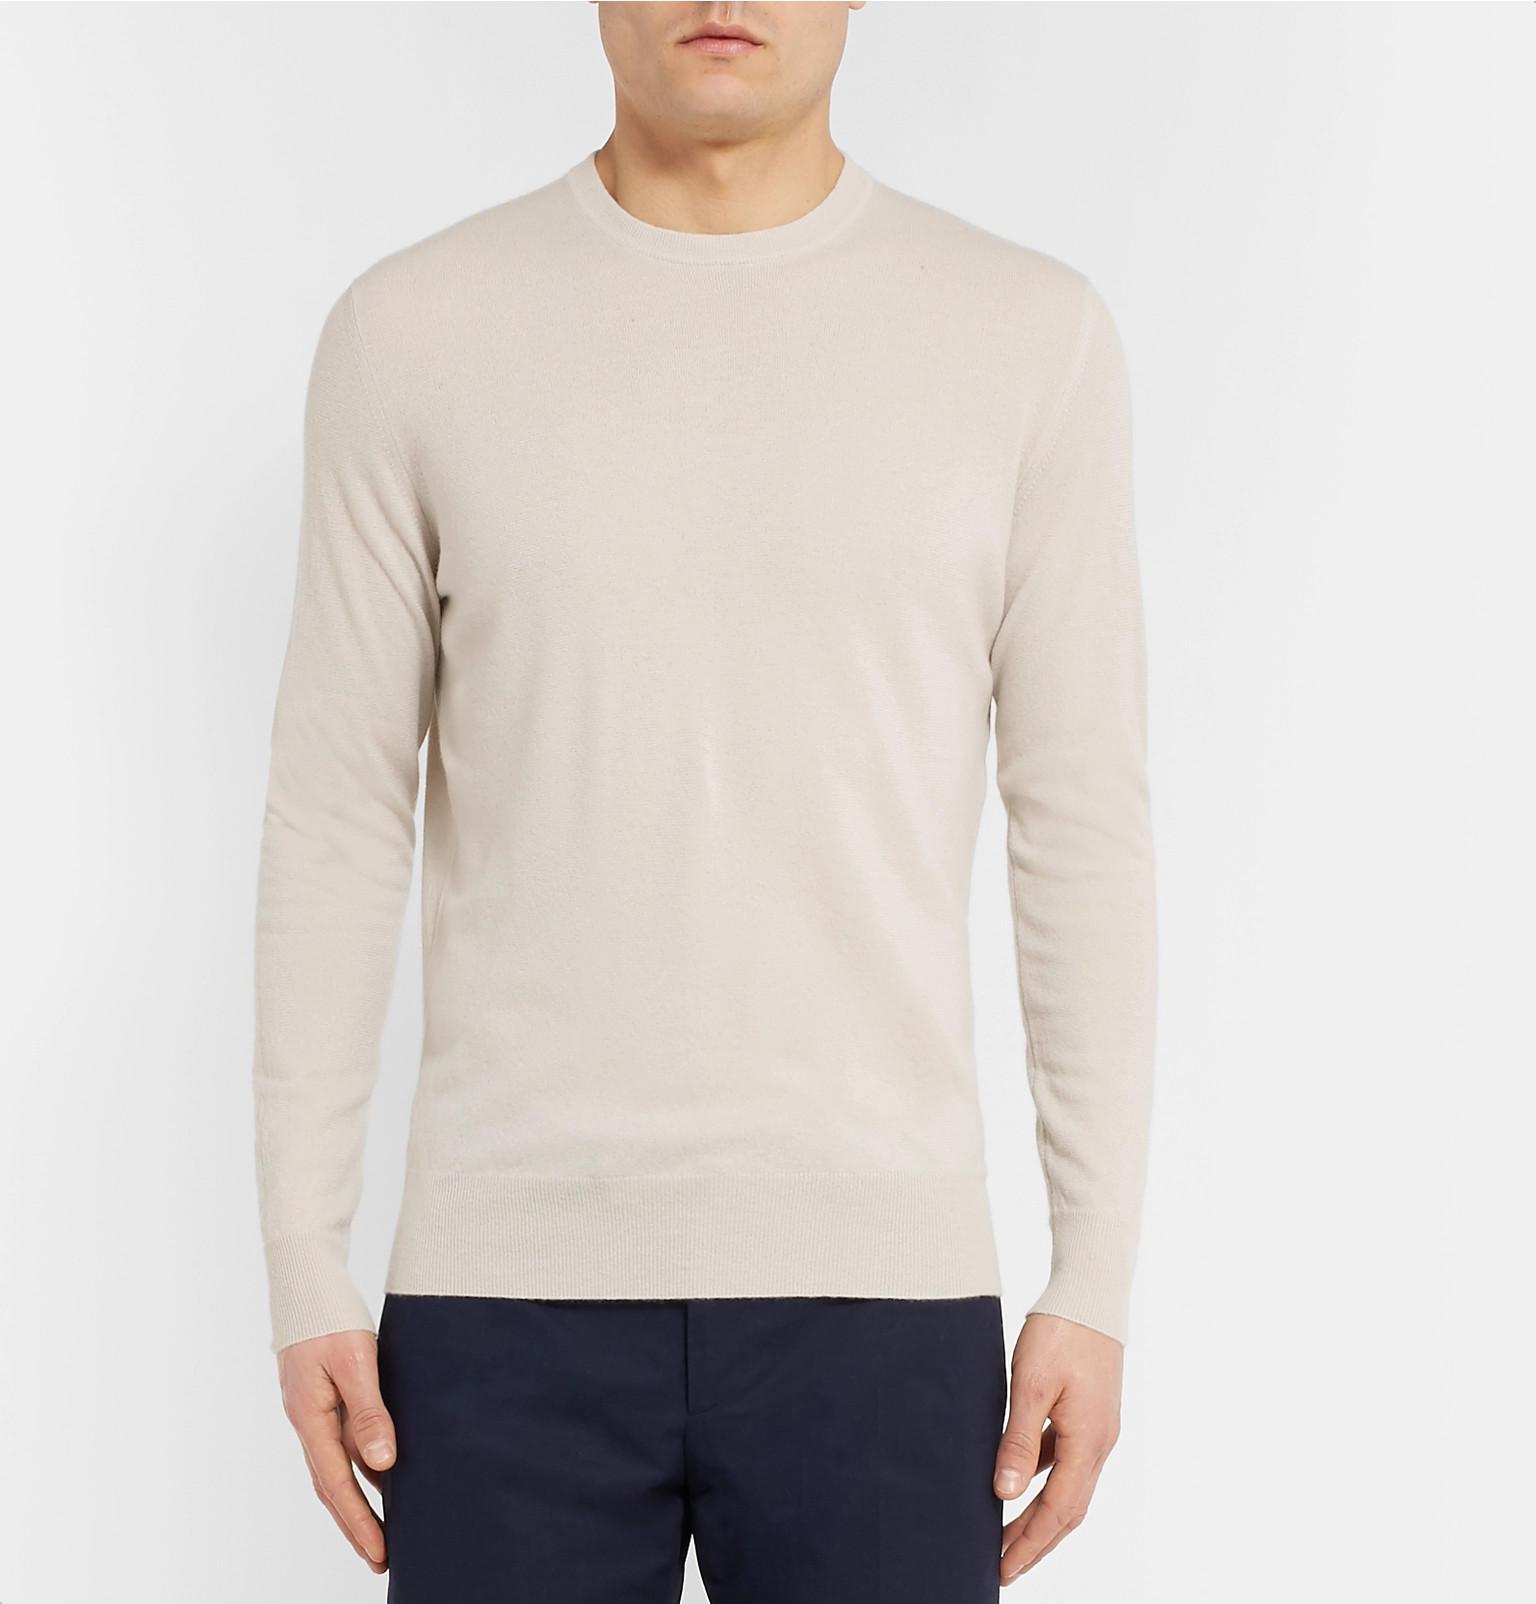 e521e9715 Loro Piana - Slim-Fit Baby Cashmere Sweater